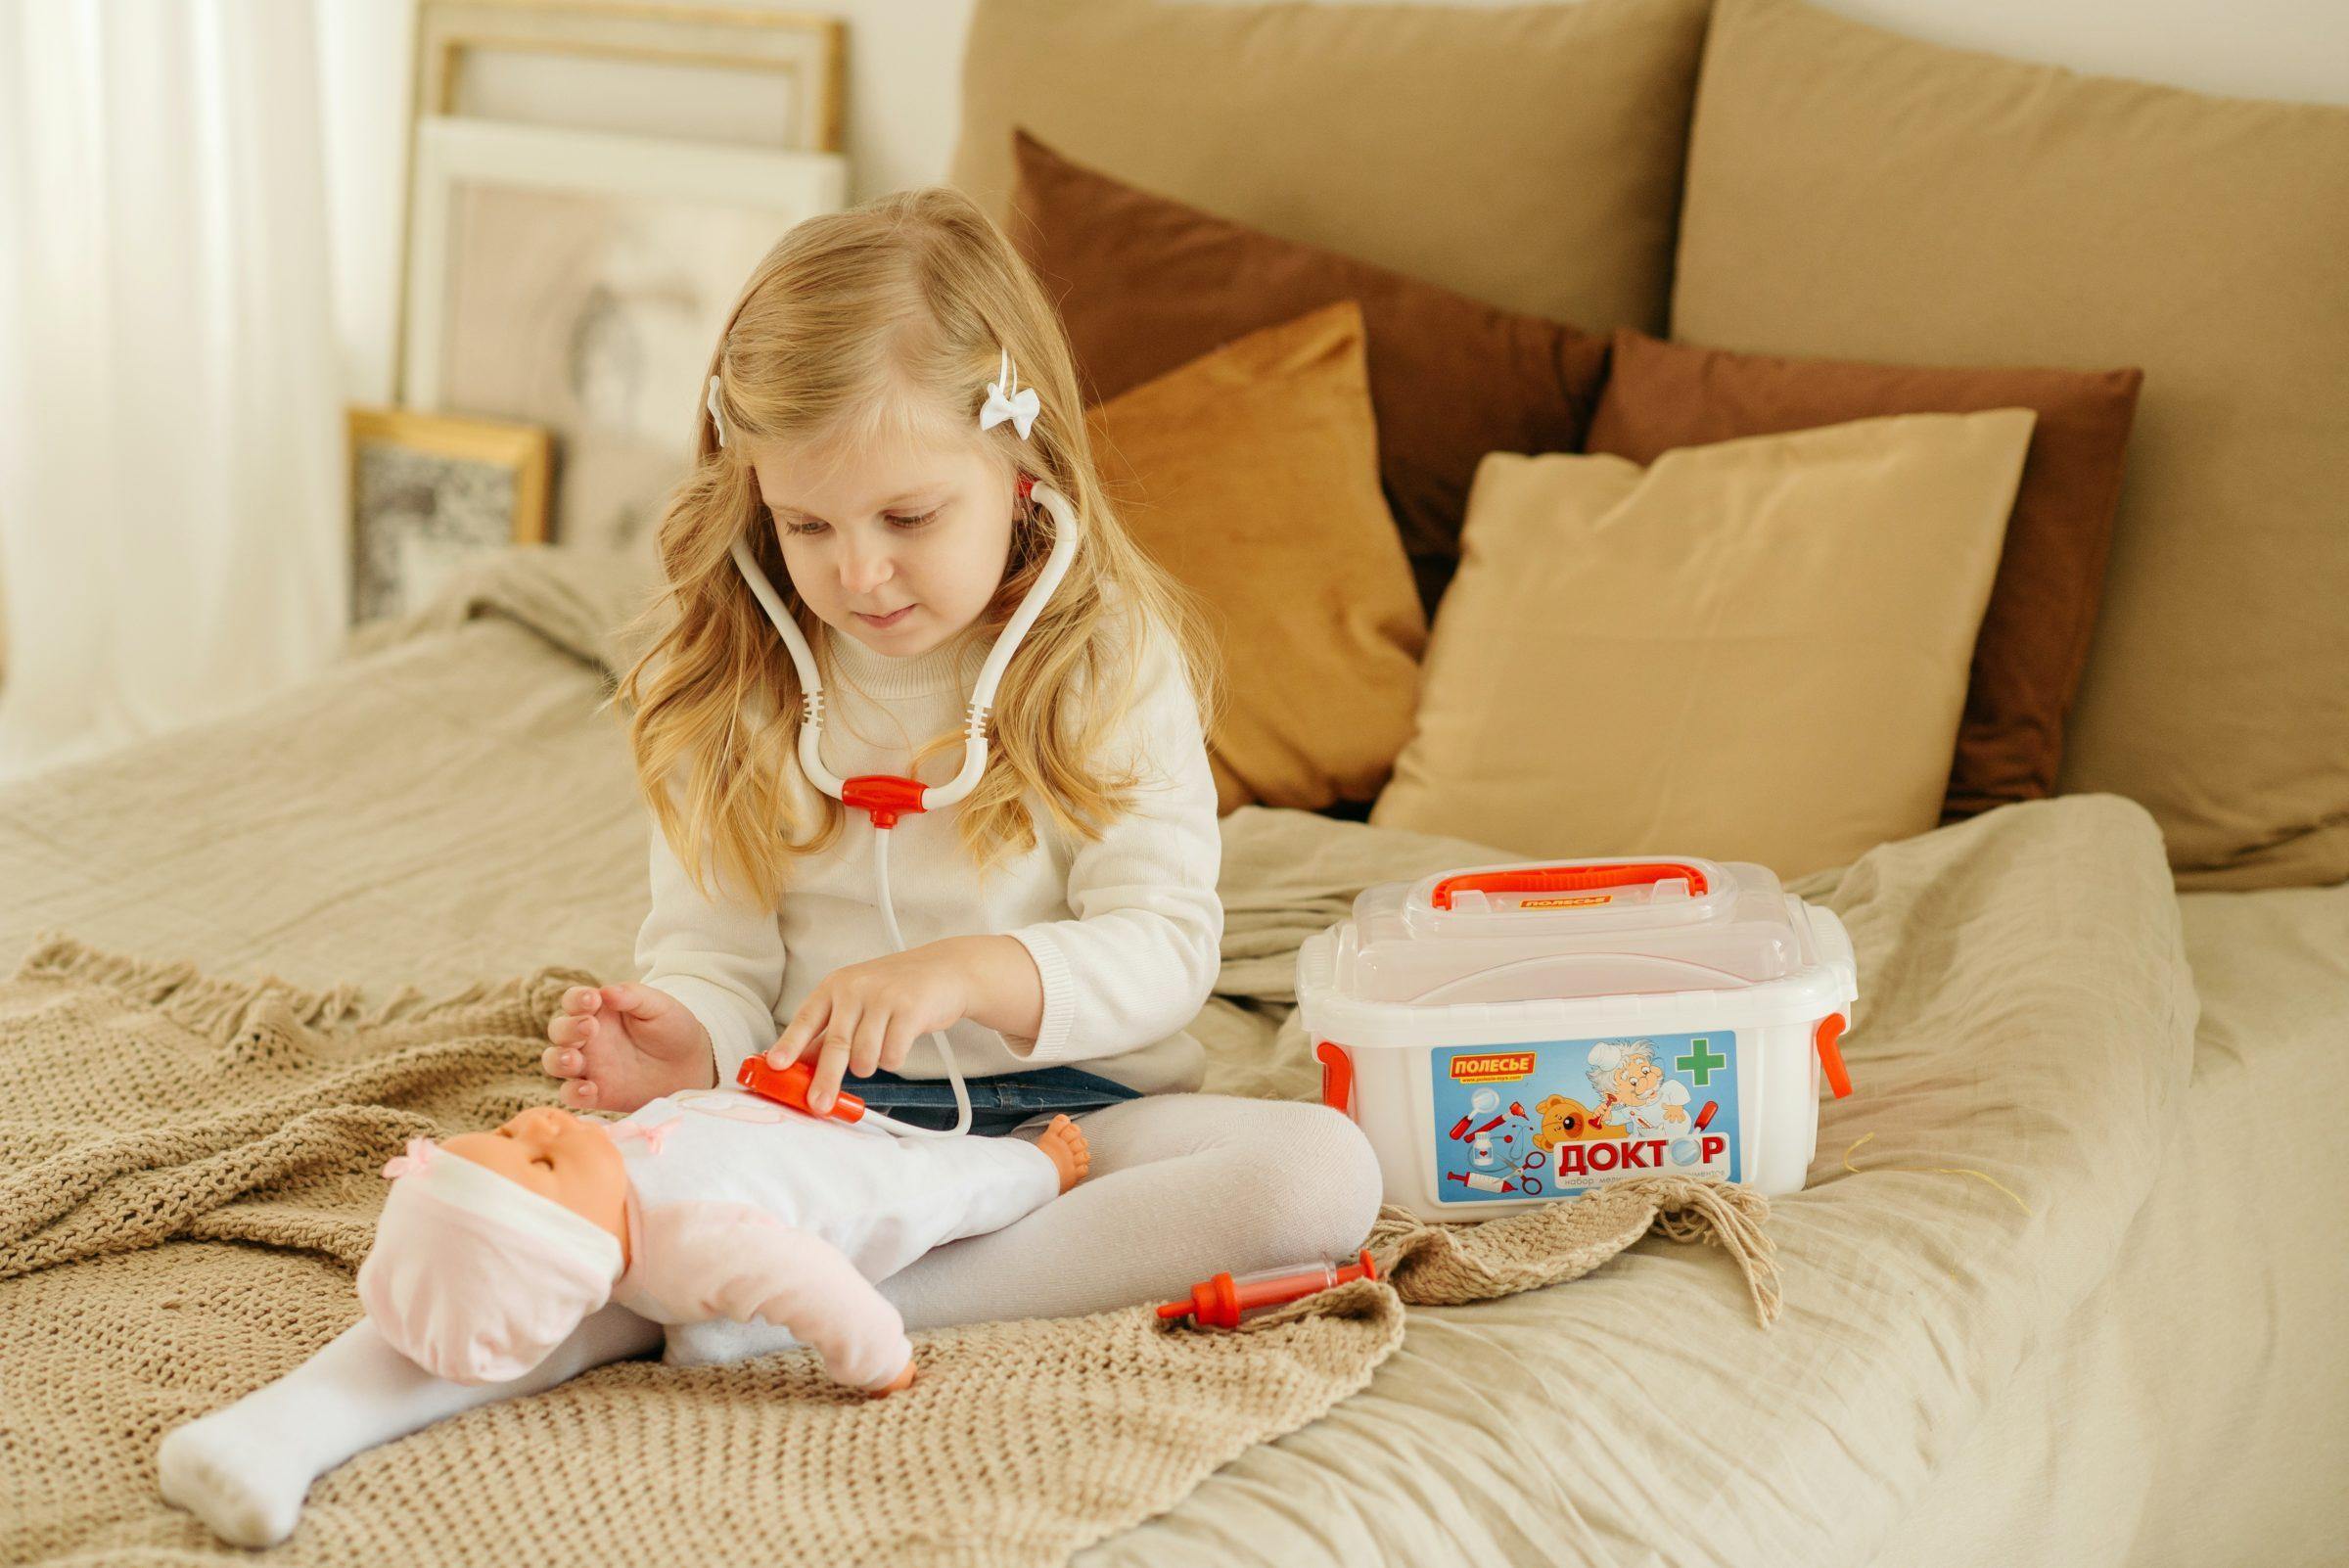 Polipii nazali | Când este absolut necesară operația de polipi la copii?